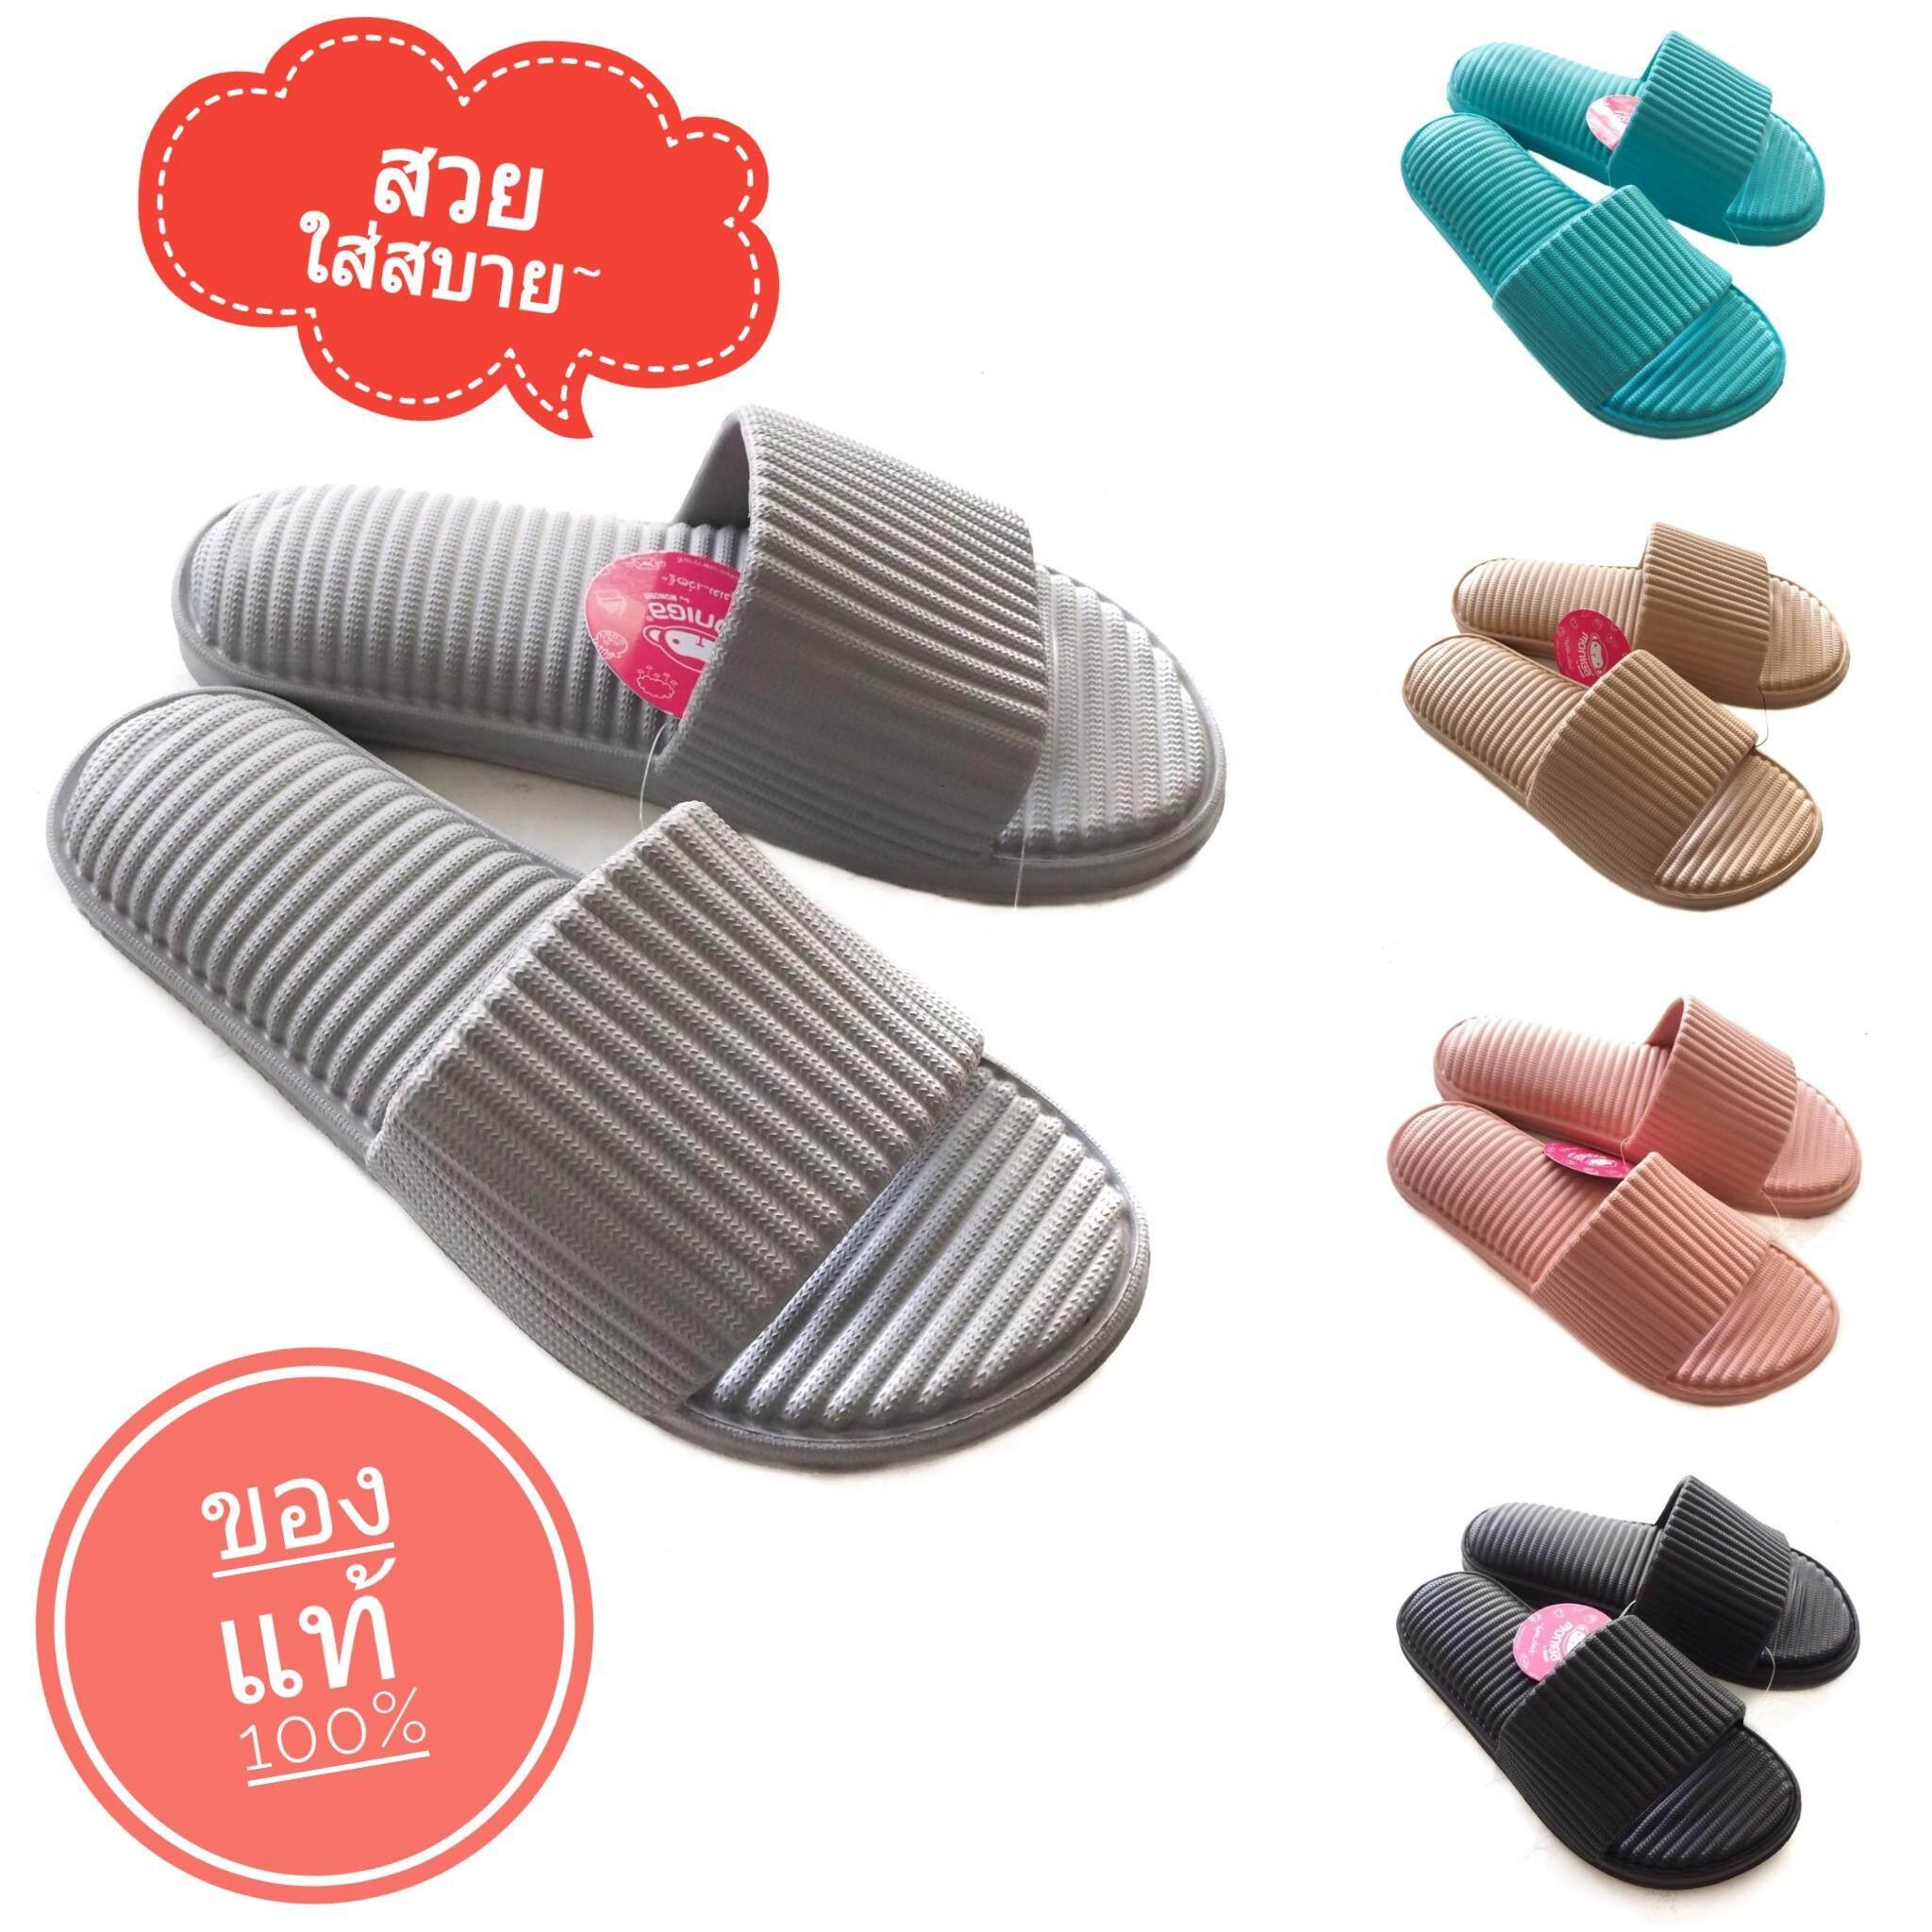 !!ลดกระหน่ำ!!ฉลองครบรอบ 2 ปีของร้านรองเท้าแตะโมโนโบ (monobo Flip Flop) Monobo 2019 By Monobo Moniga 10.4 รองเท้าแตะผู้หญิง แบบลูกคลื่น ใส่สบาย ไม่อับชื้น รองเท้าแตะแบบสวม รองเท้าแตะแฟชั่น รองเท้าแตะสวม รองเท้าแตะสวม รองเท้าผู้หญิง By Sustainable.